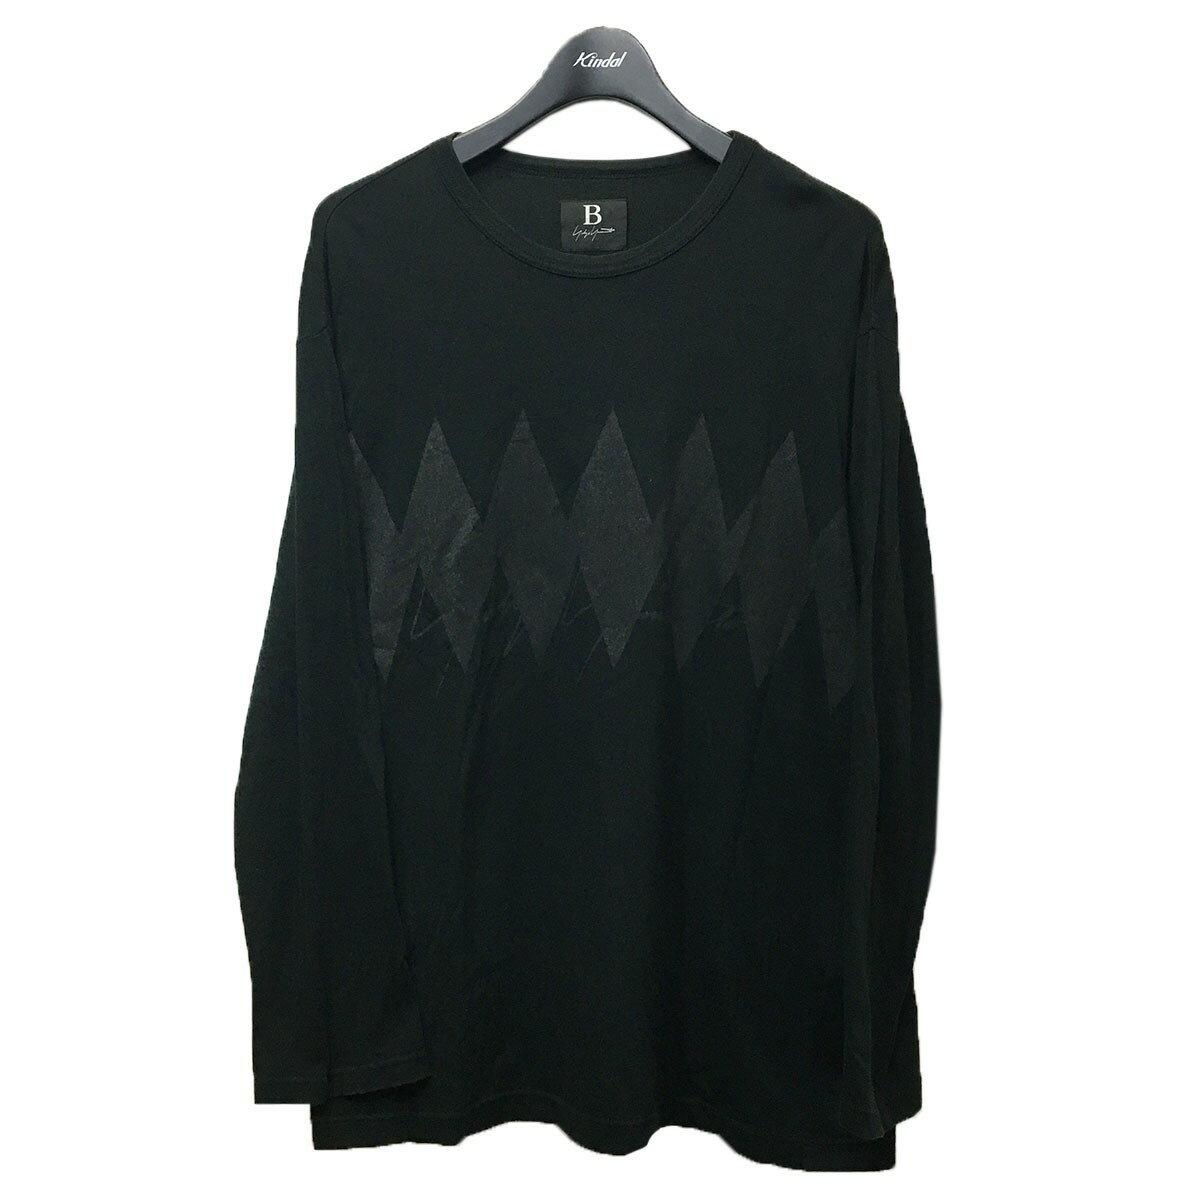 トップス, Tシャツ・カットソー B Yohji Yamamoto18SS 2 38